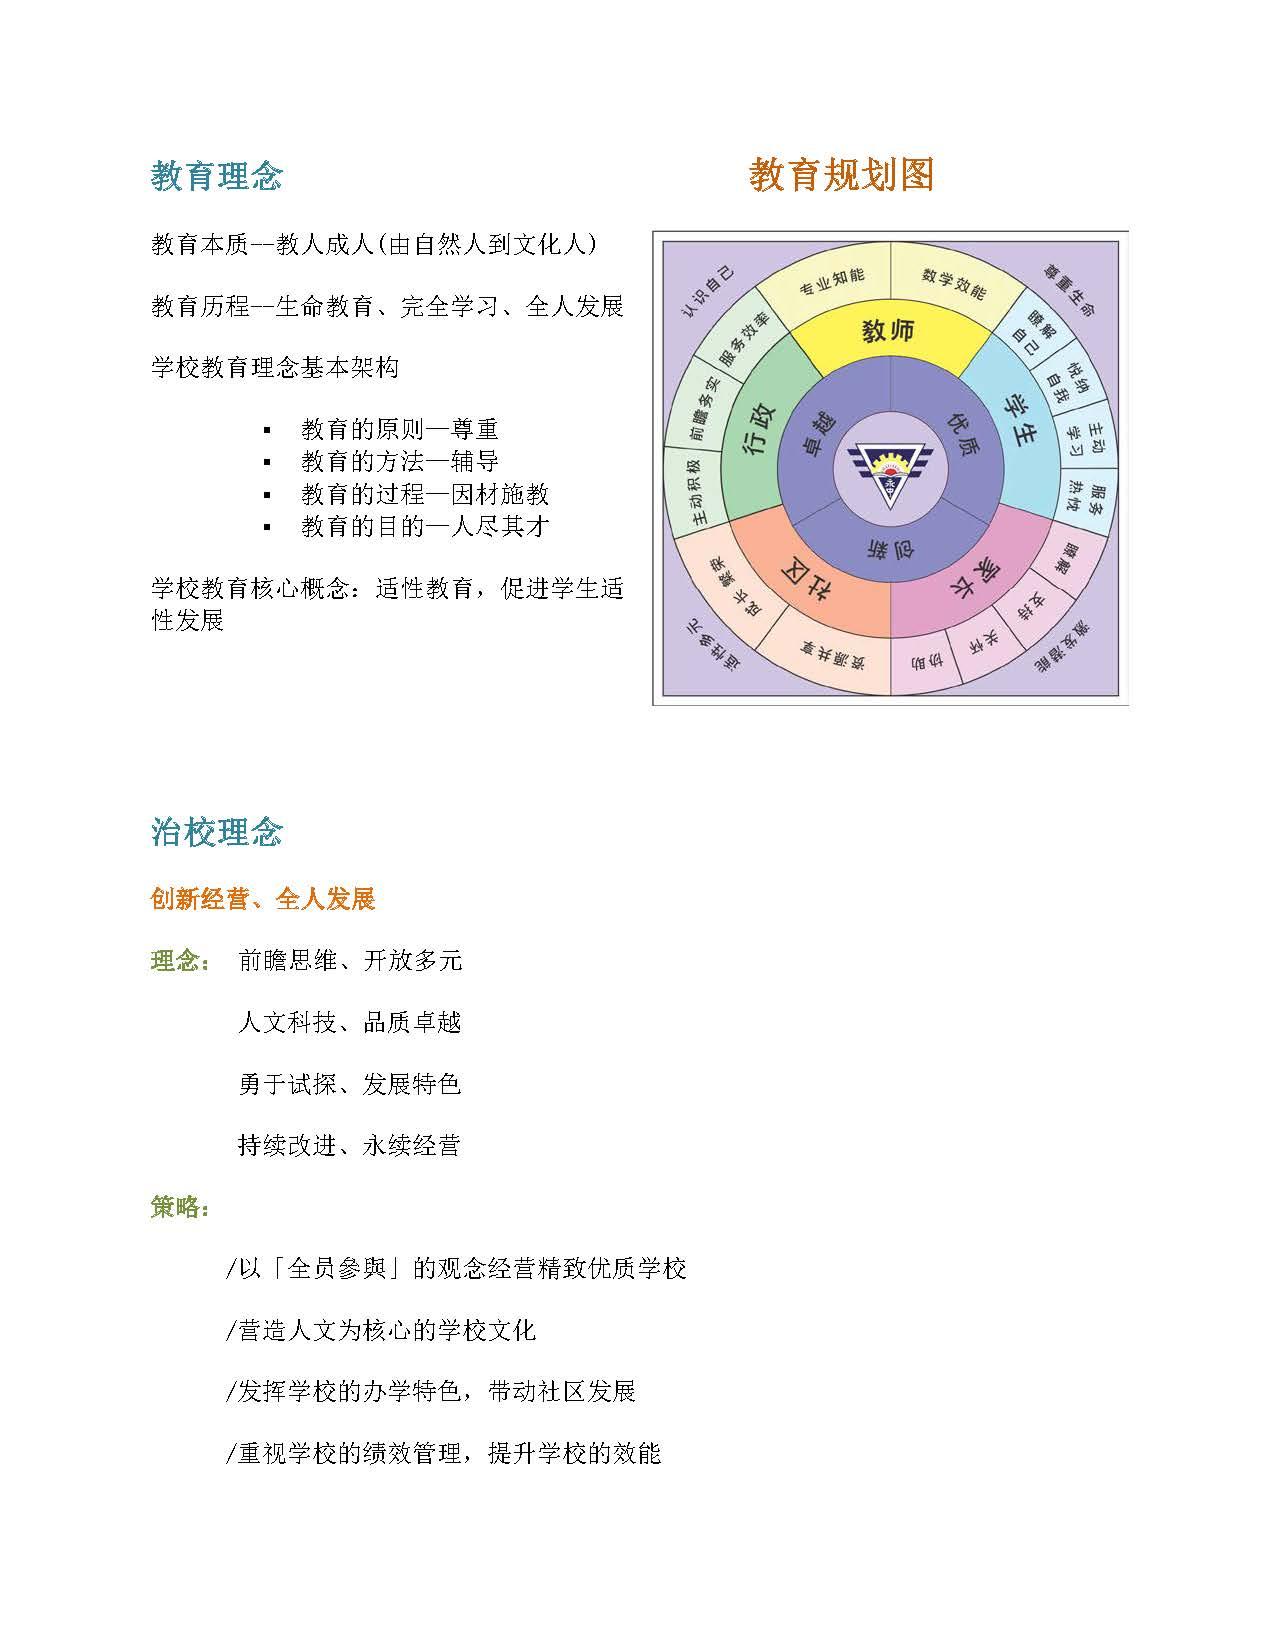 学校总体经营与实施策略-初稿_Page_2